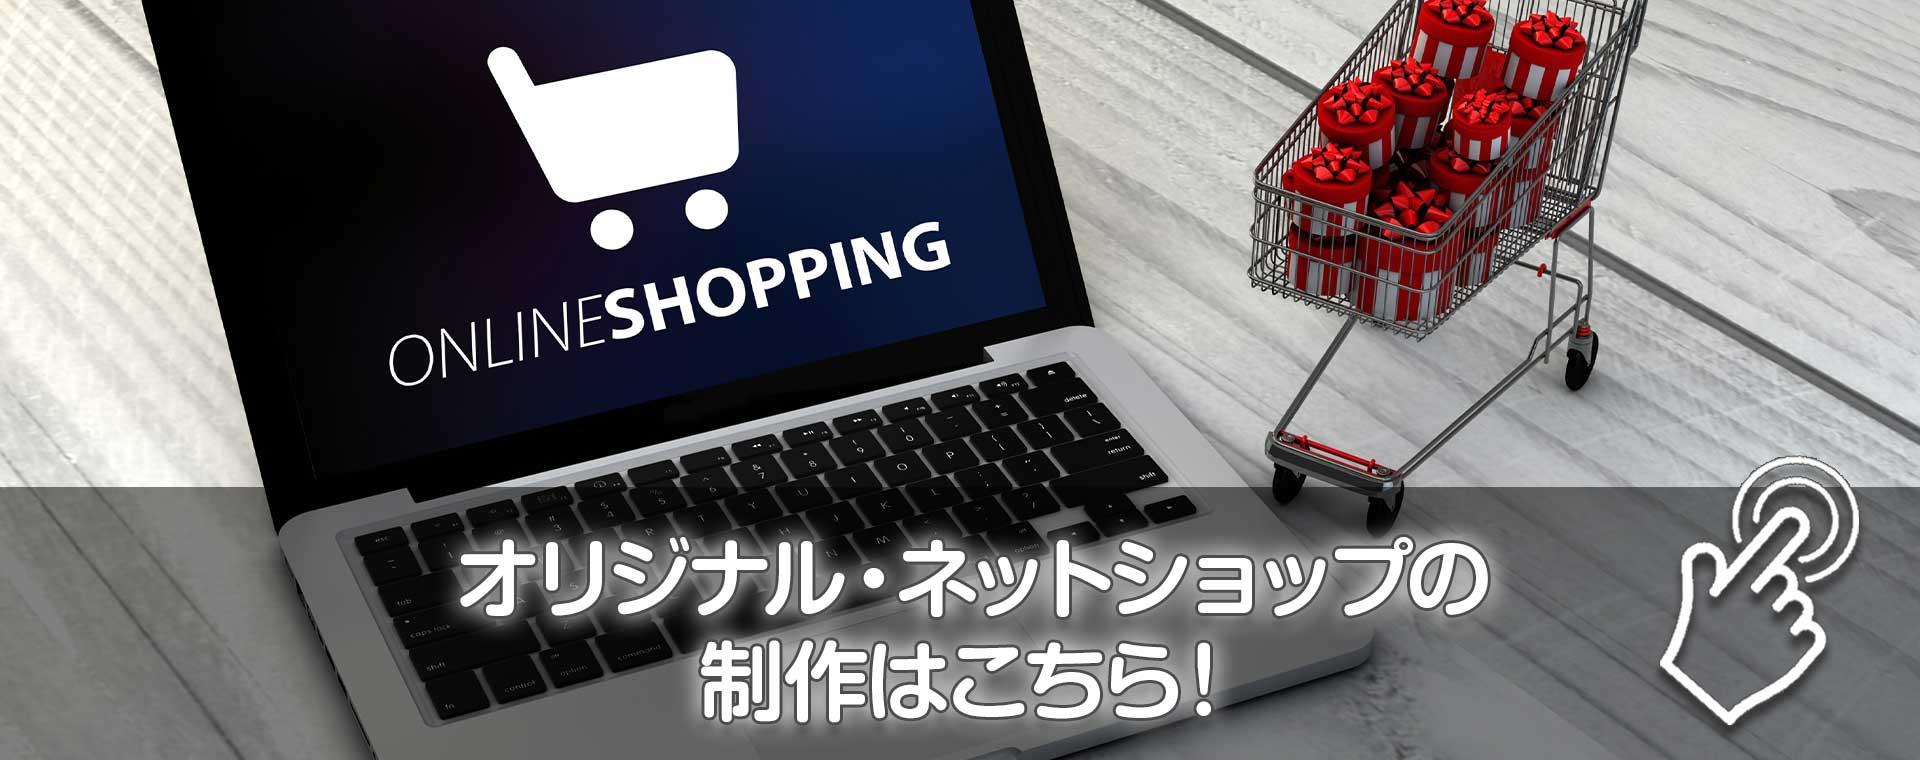 【ショッピングカートシンプル版】WordPressホームページ制作プラン